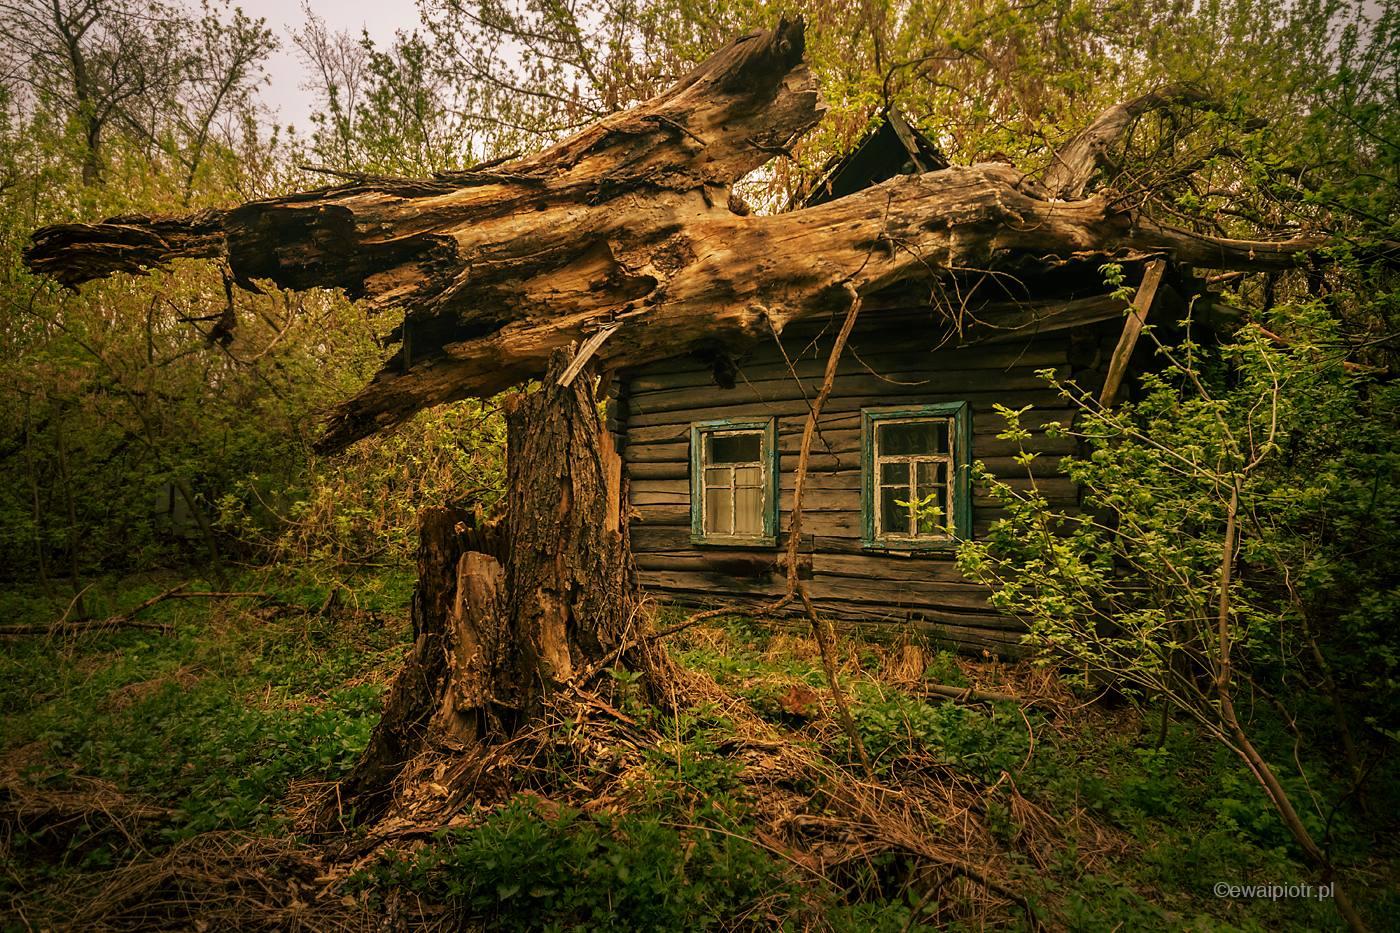 Wieś w Zonie, Czarnobyl, ruina, dom przygnieciony drzewem